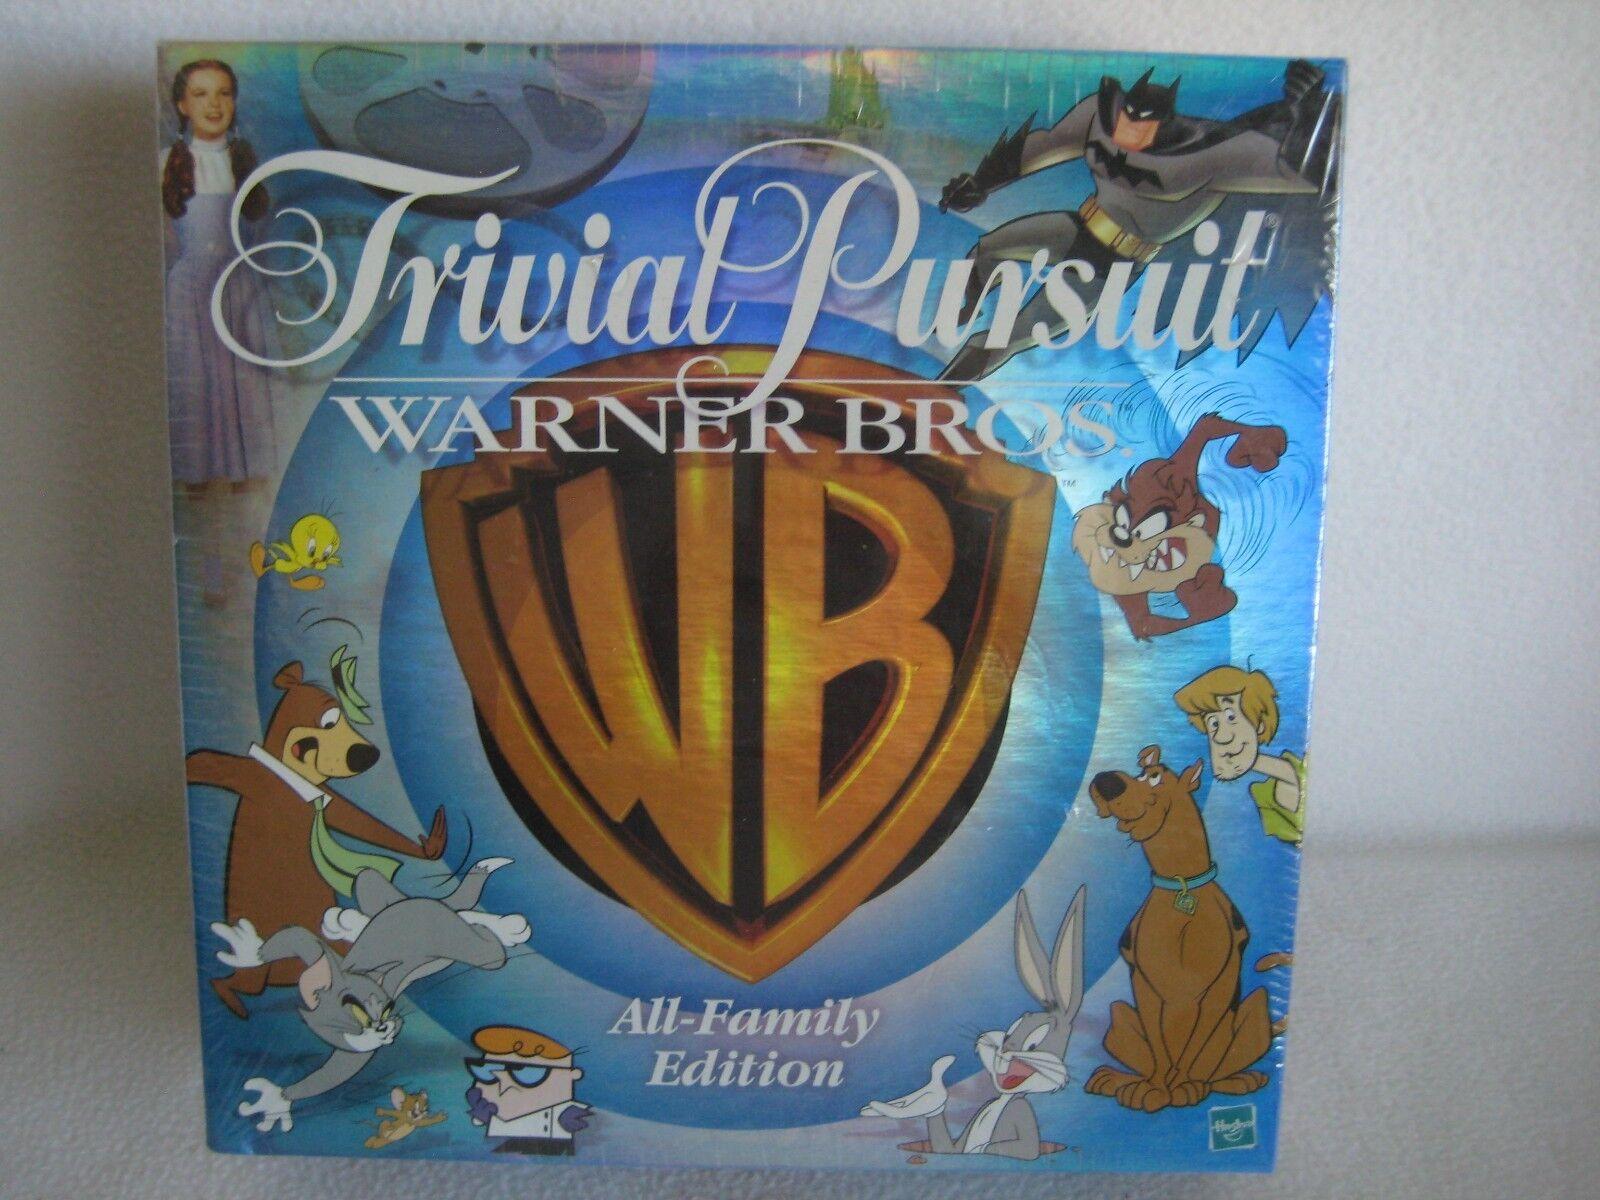 Mejor precio Trivial Pursuit Warner Bros Brojohers Edición Coleccionista Juego De Mesa Mesa Mesa Nuevo Sellado  Envio gratis en todas las ordenes